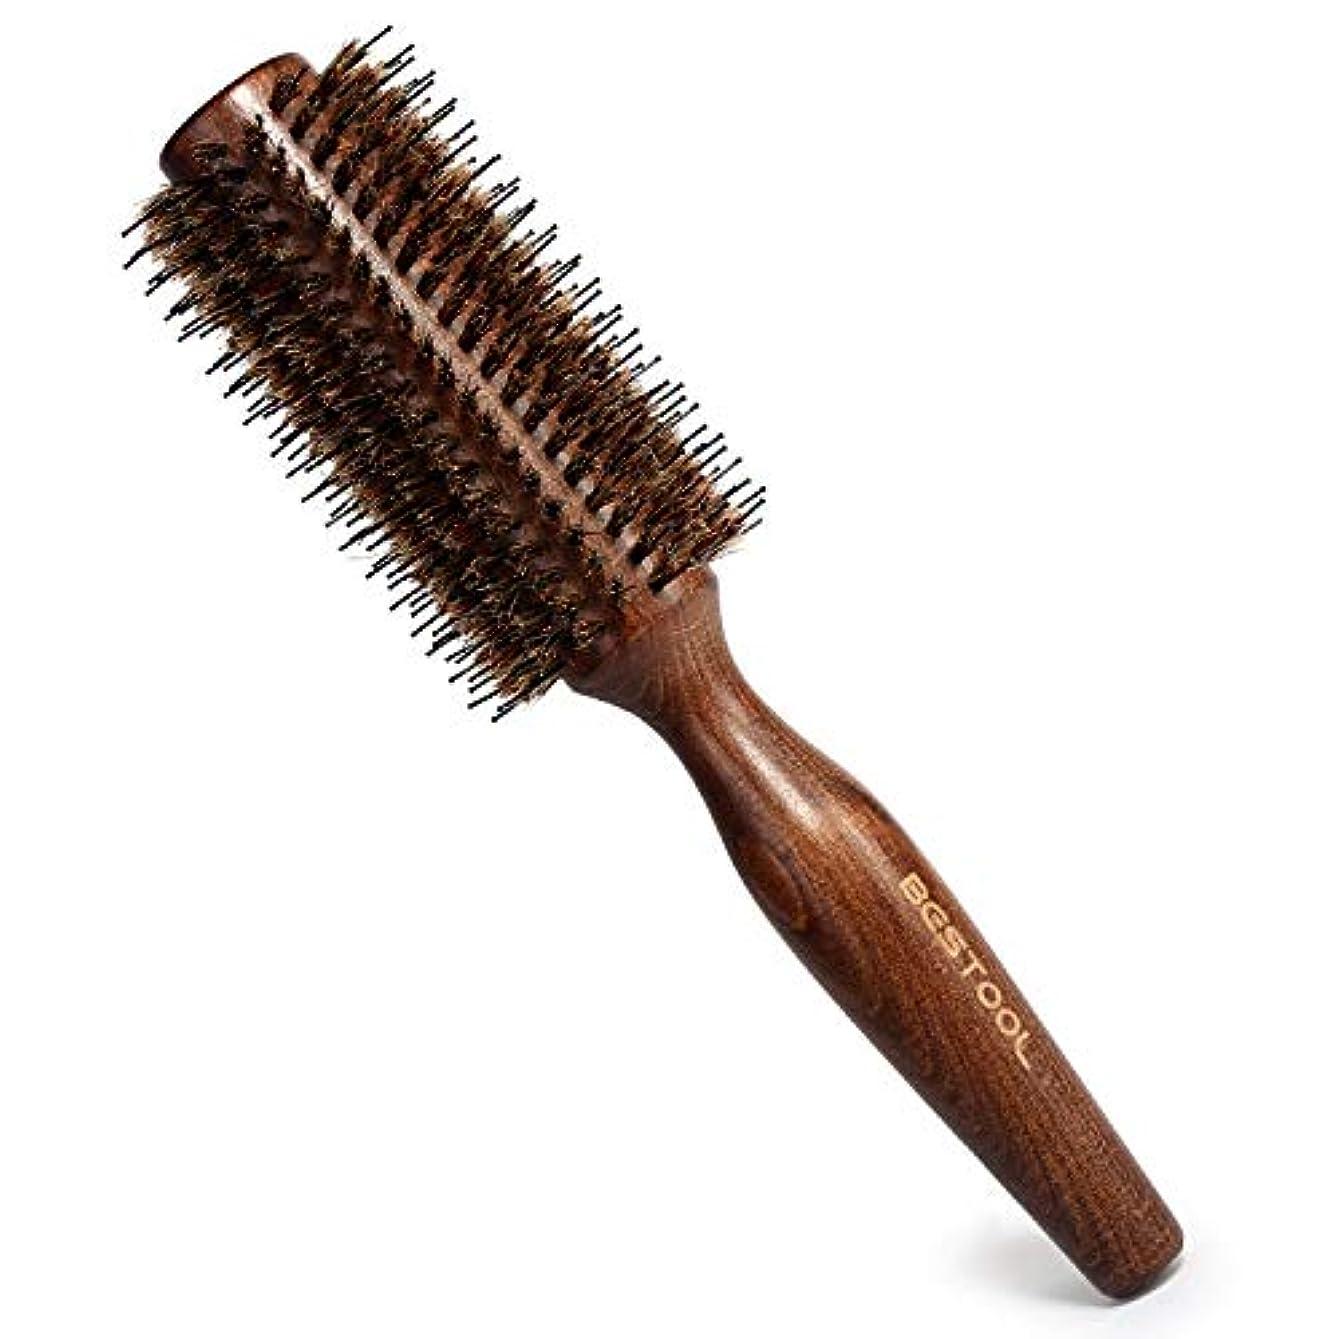 可動漁師参照する豚毛ヘアブラシ ロールブラシ Bestool ケヤキ製 髪をつやつやする ファッションヘアブラシ 新型タイプ 高級美容ヘアブラシ (M, ケヤキ)